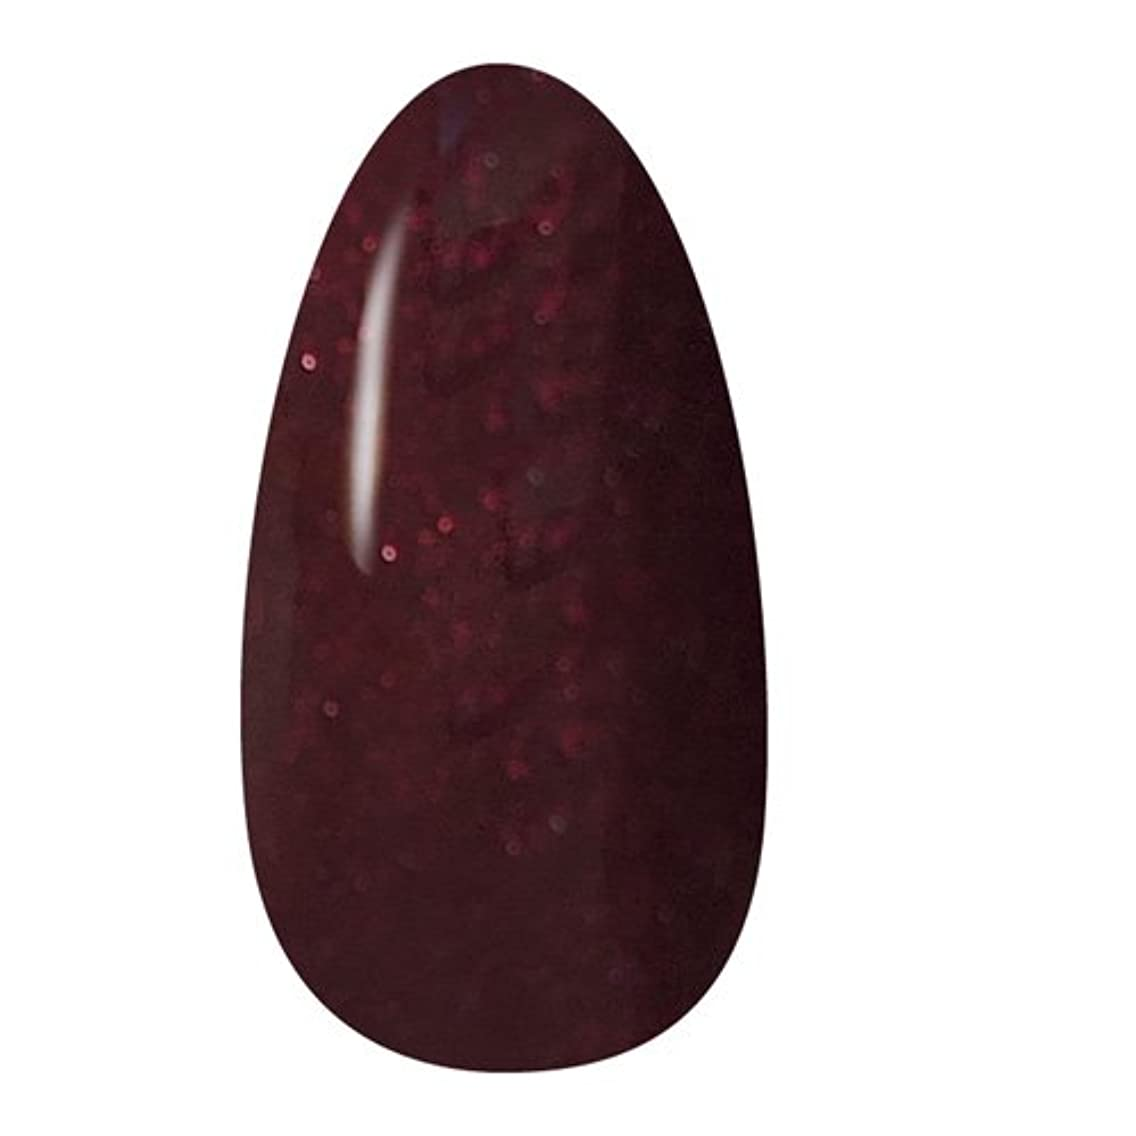 ノイズクスコ洗剤CherryDayネイルポリッシュ #260 ギャラクシーレッド 8mL